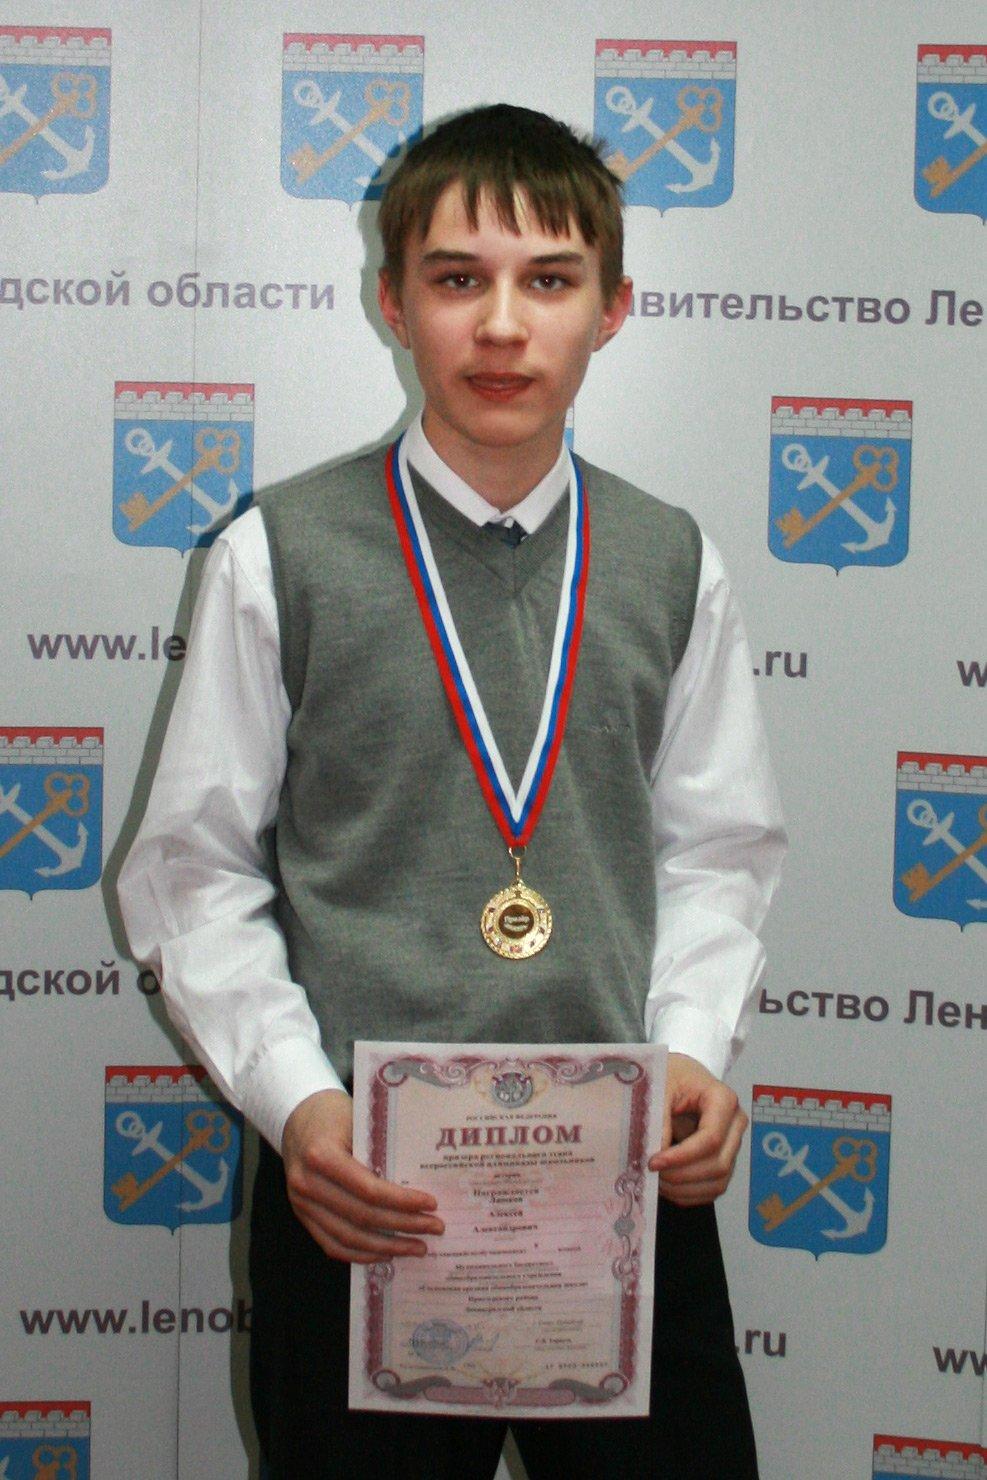 Лашков Алексей